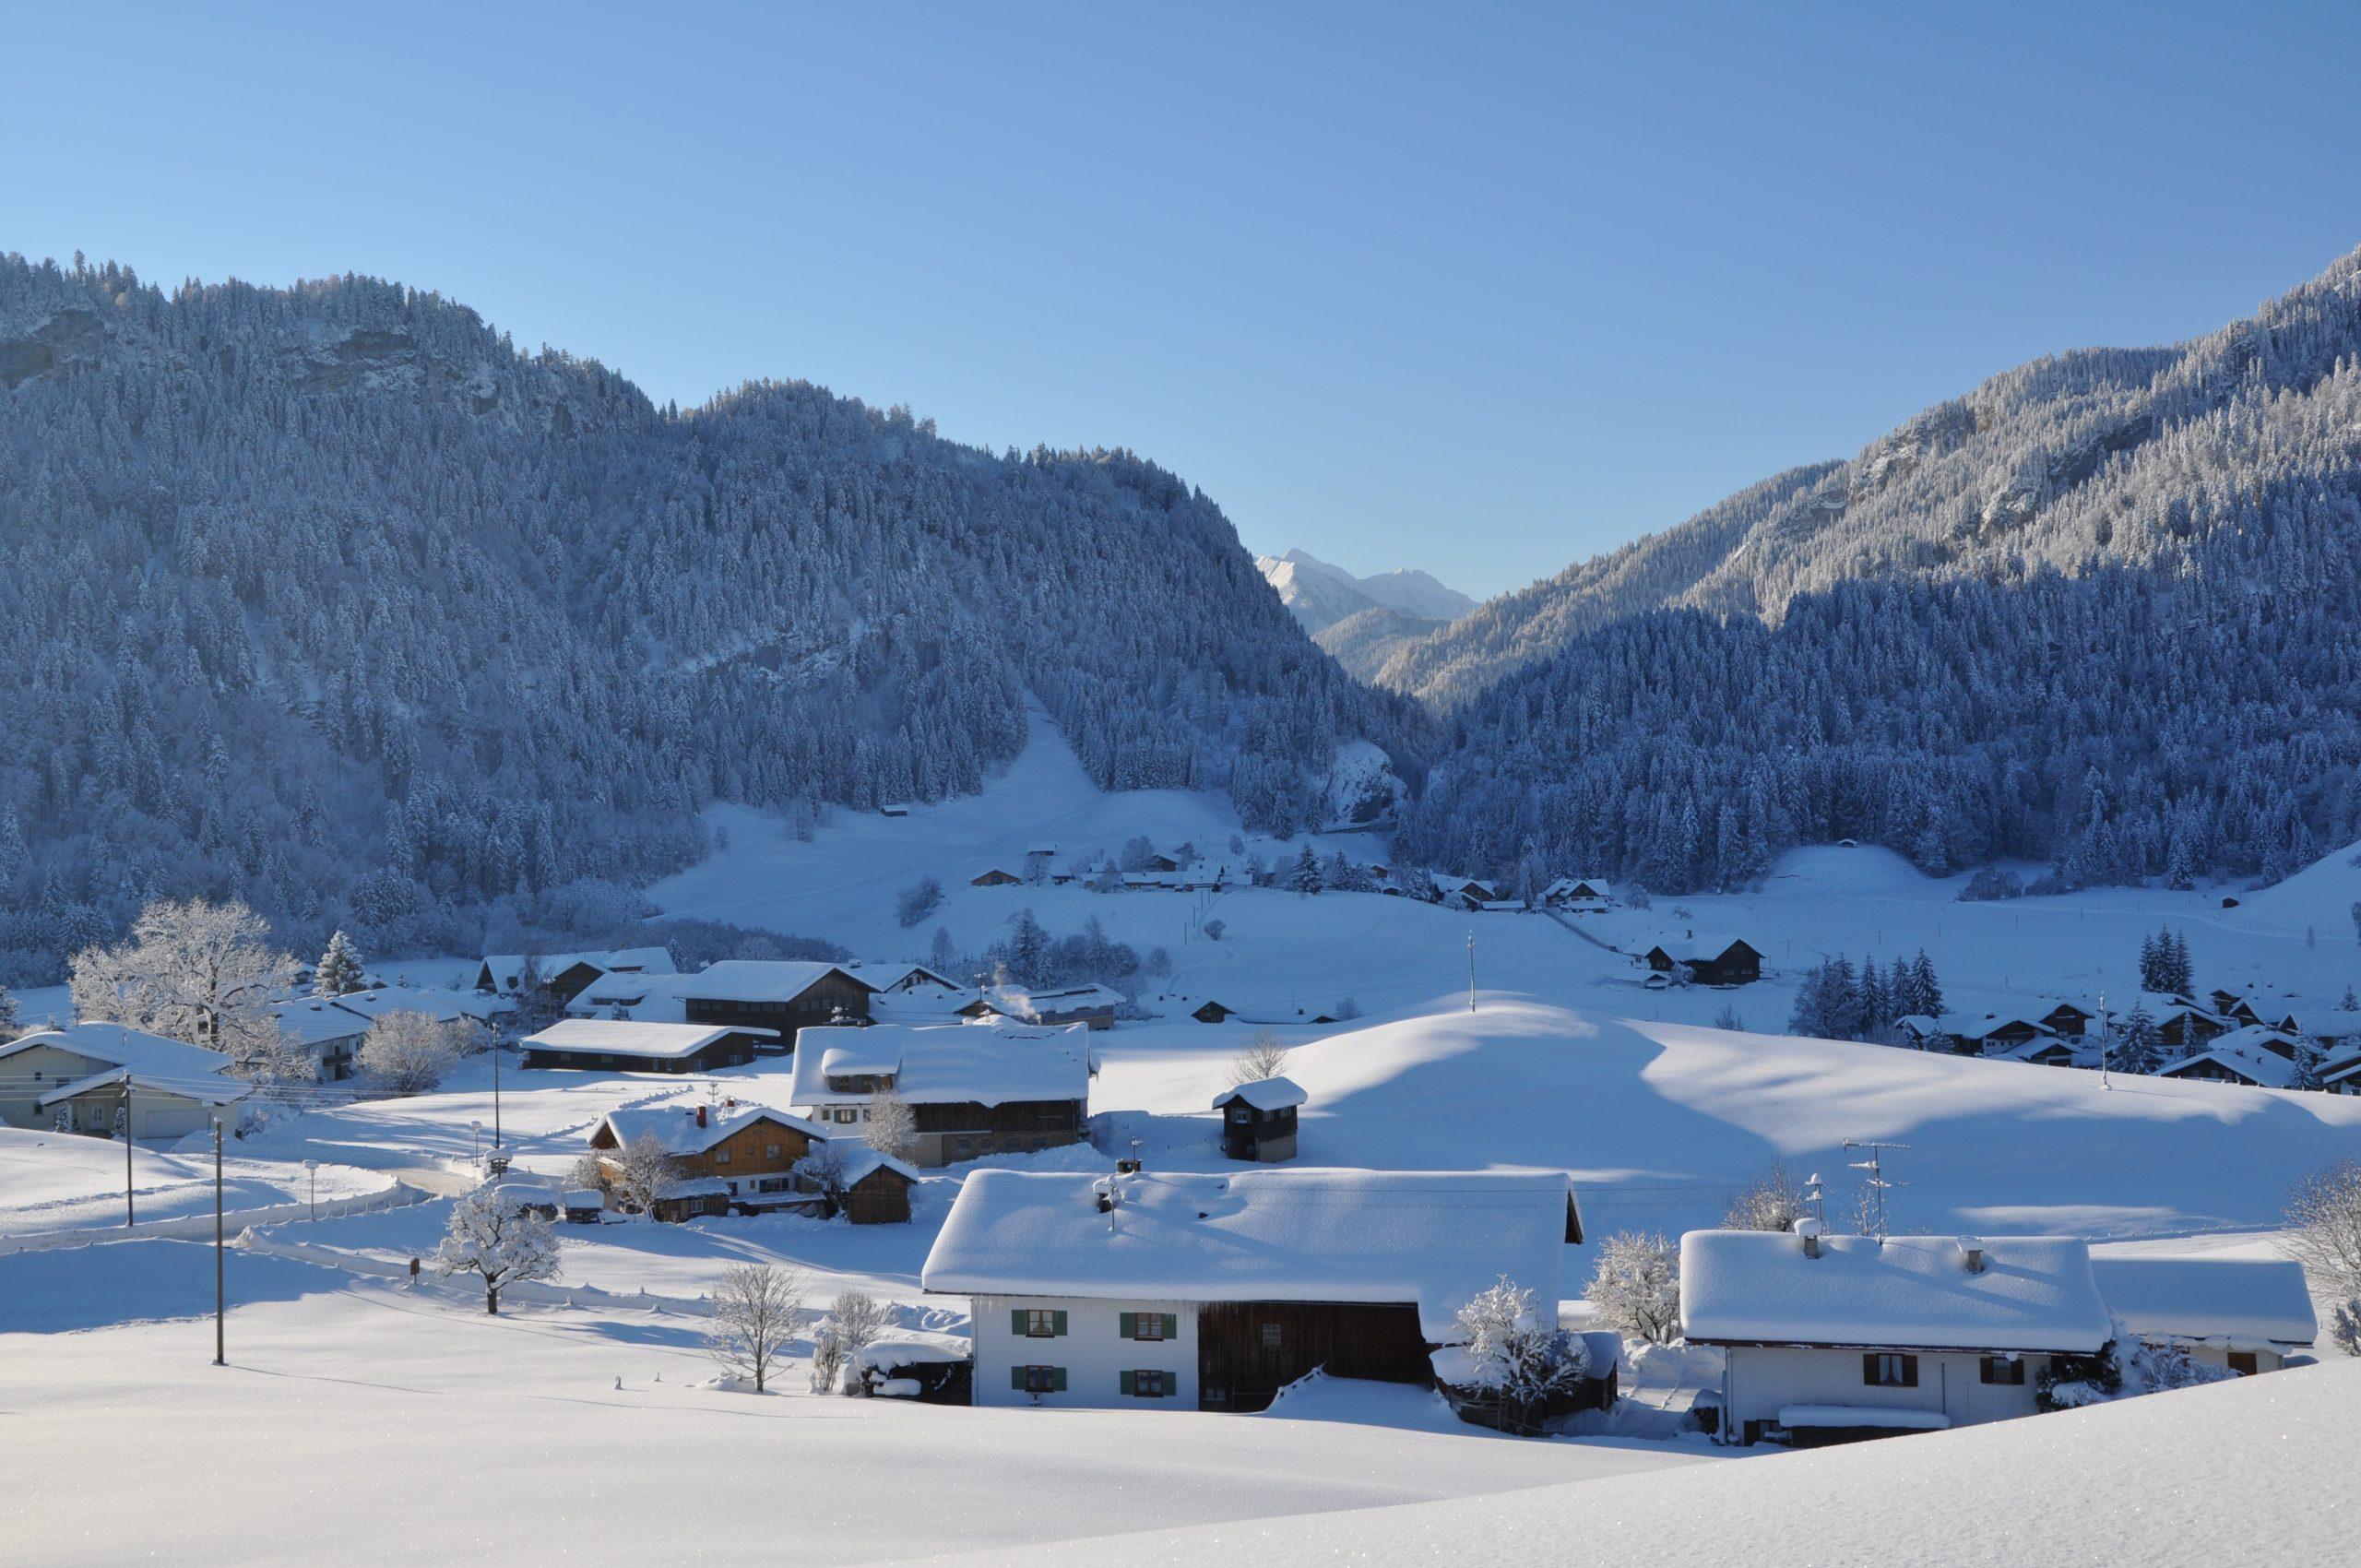 Ferienhaus Sauter Oberdorf Obermaiselstein - Winterlandschaft im Allgäu